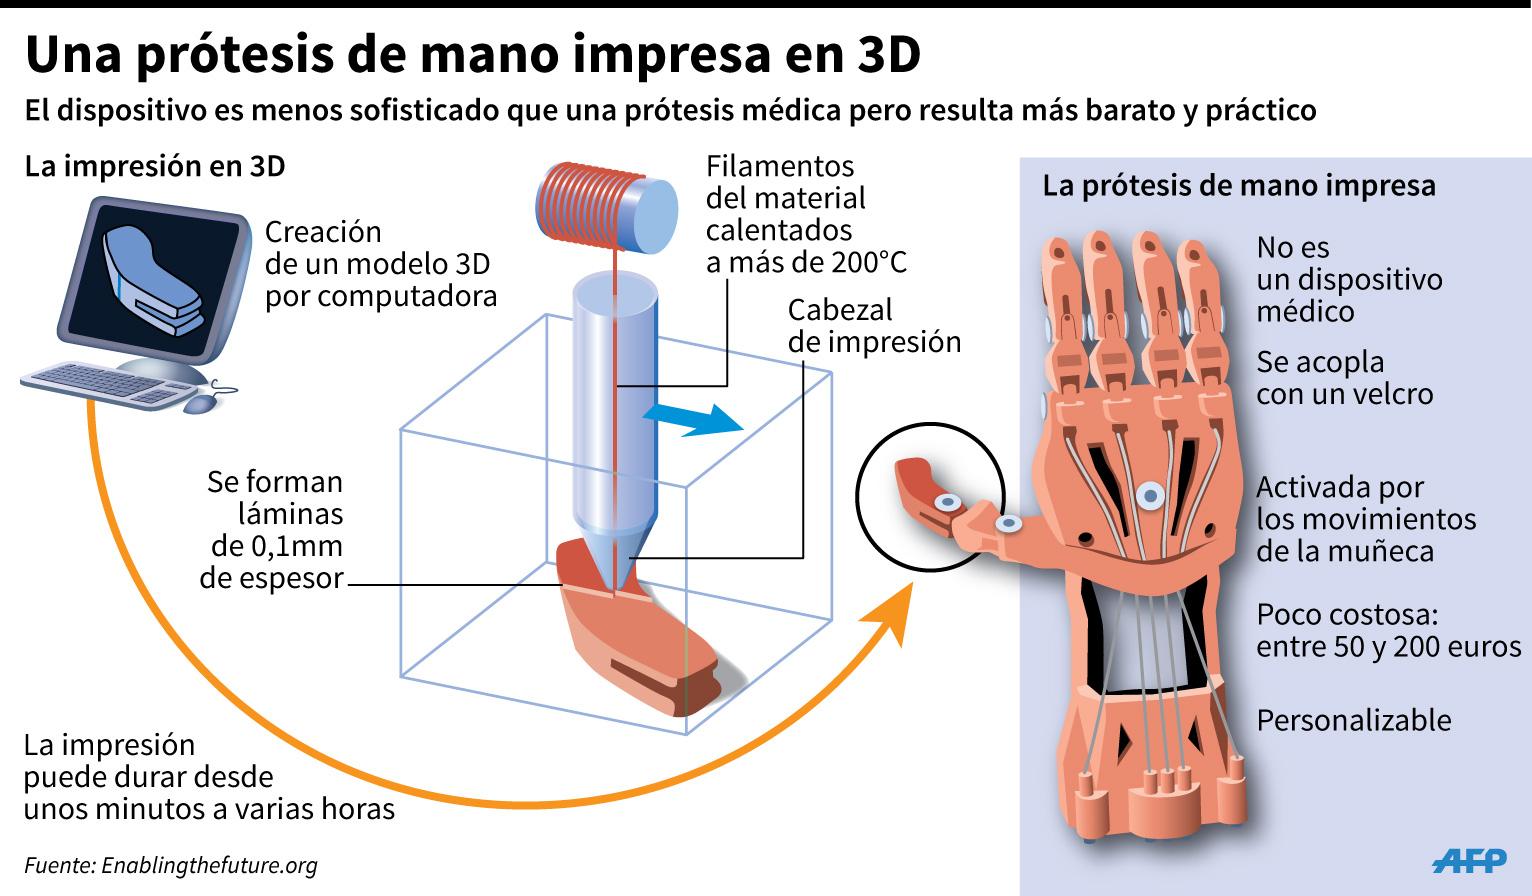 Una prótesis de mano impresa en 3D